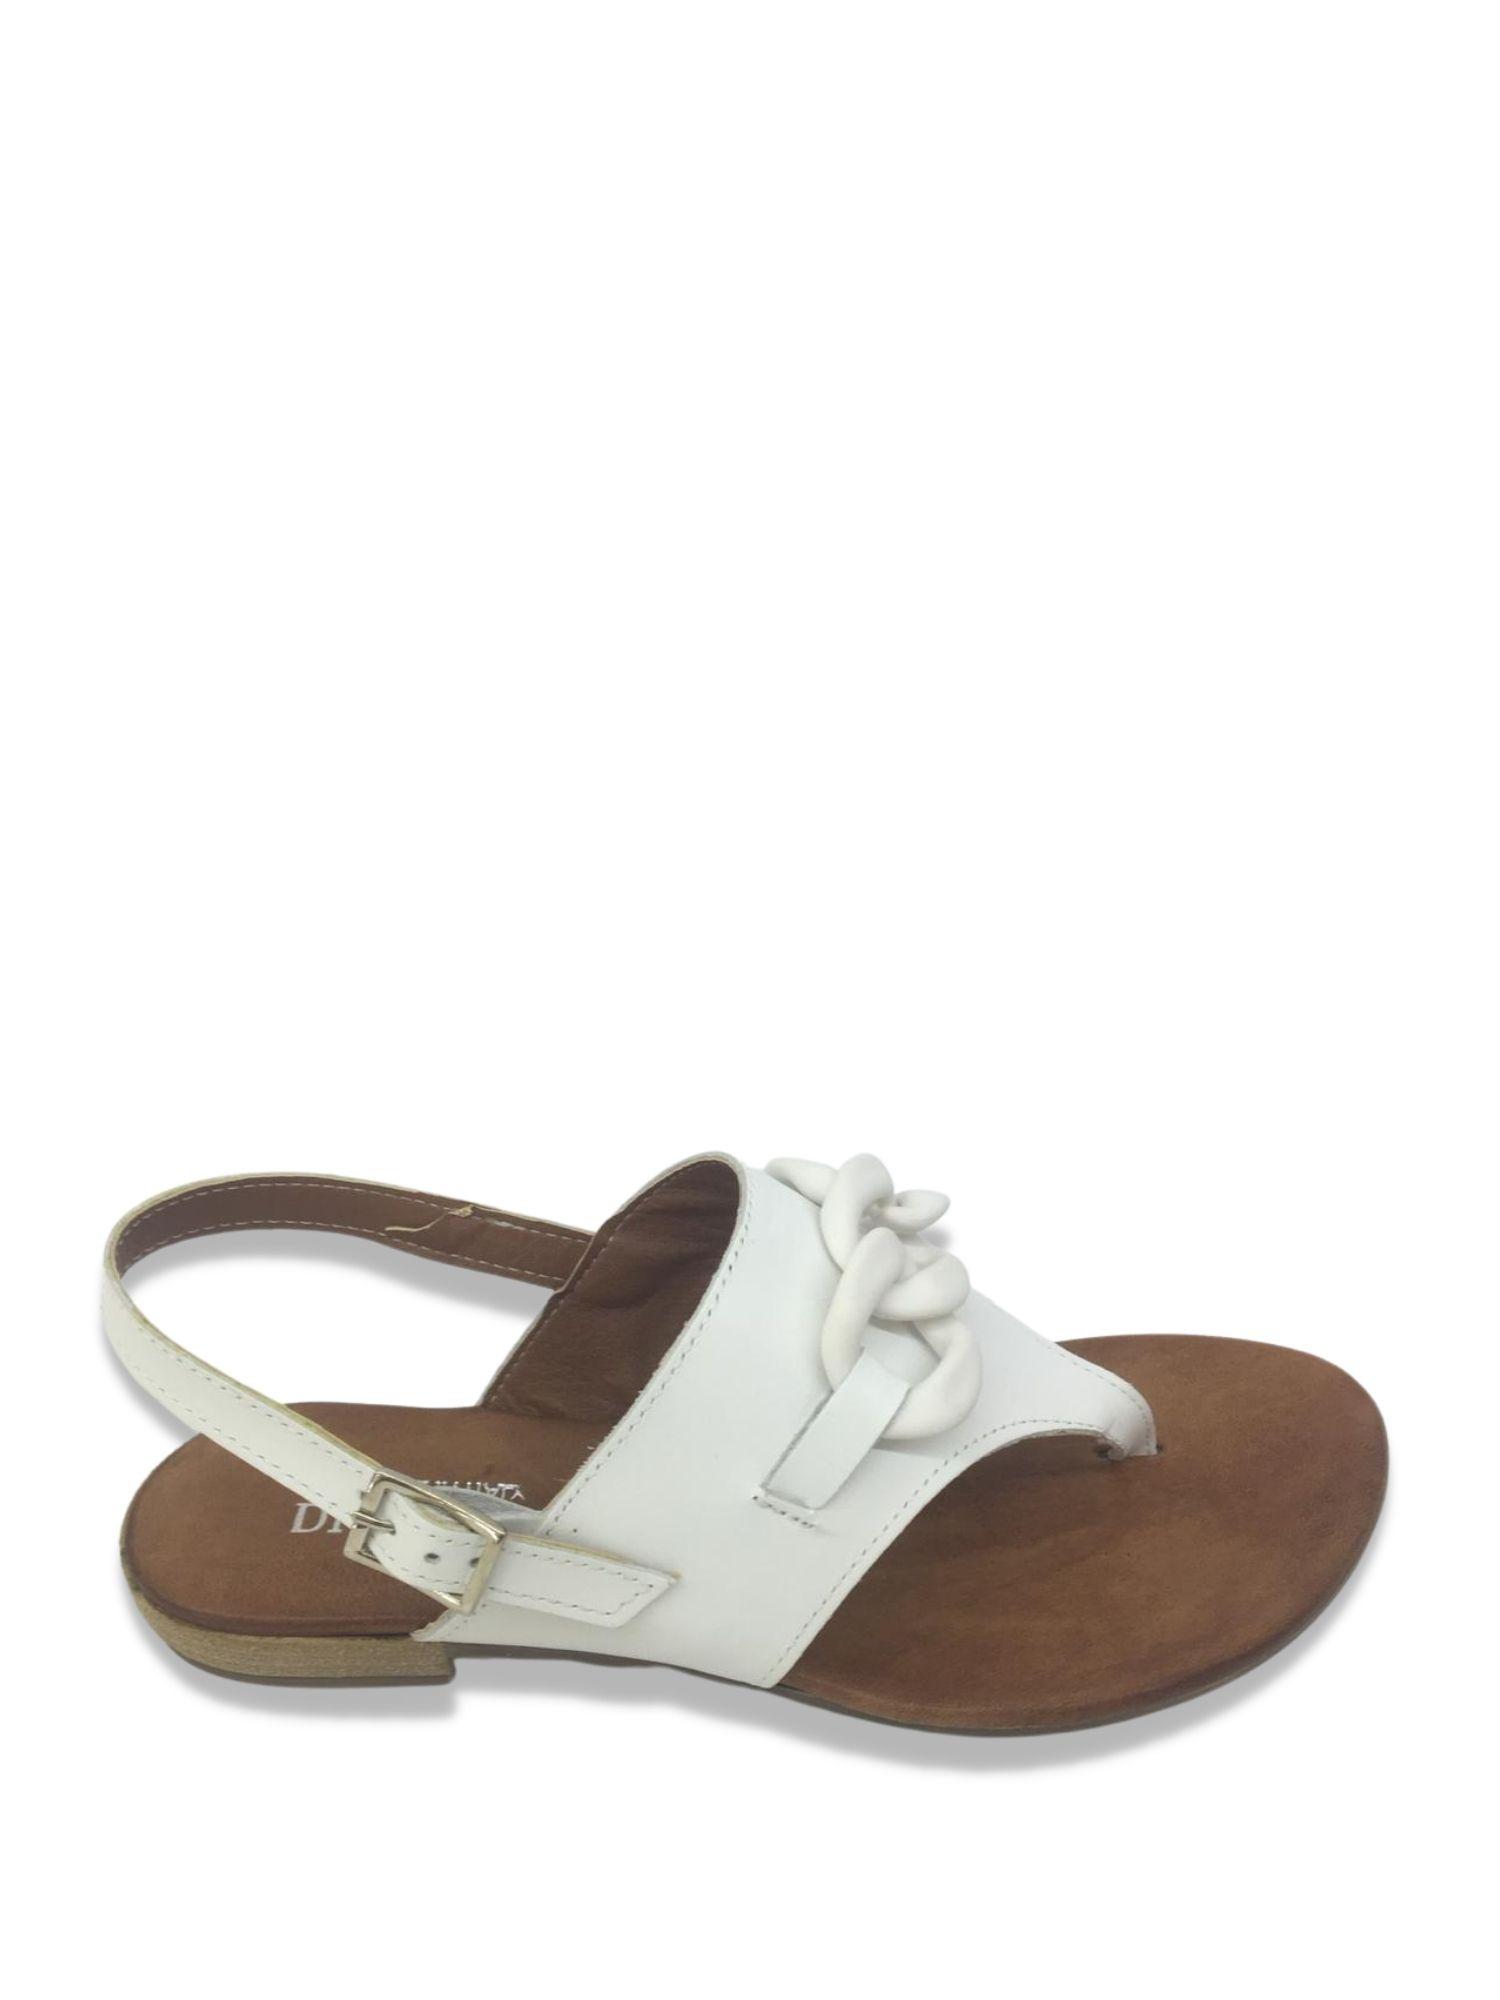 Sandalo infradito Made in Italy 203 Bianco